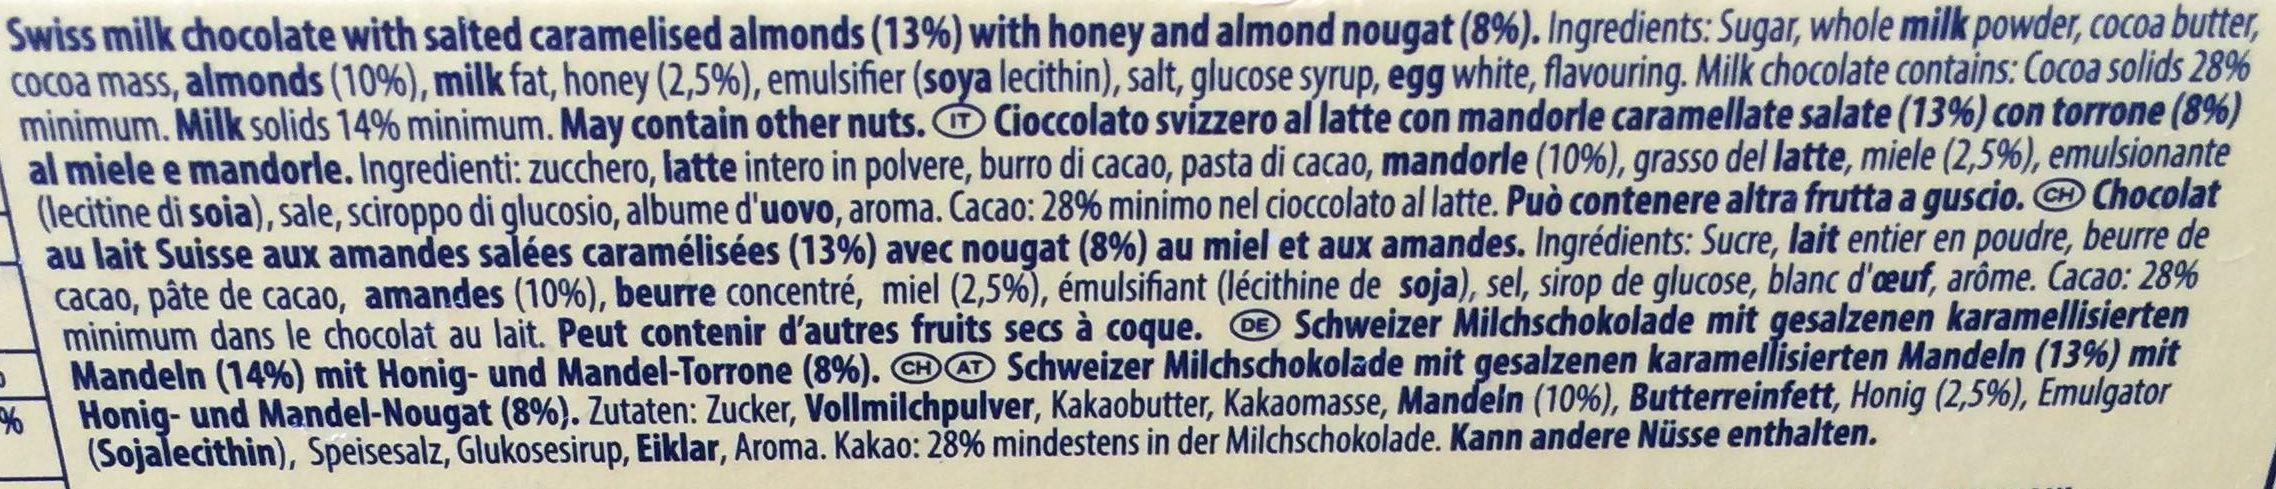 Tobleron crunchy almonds - Inhaltsstoffe - en